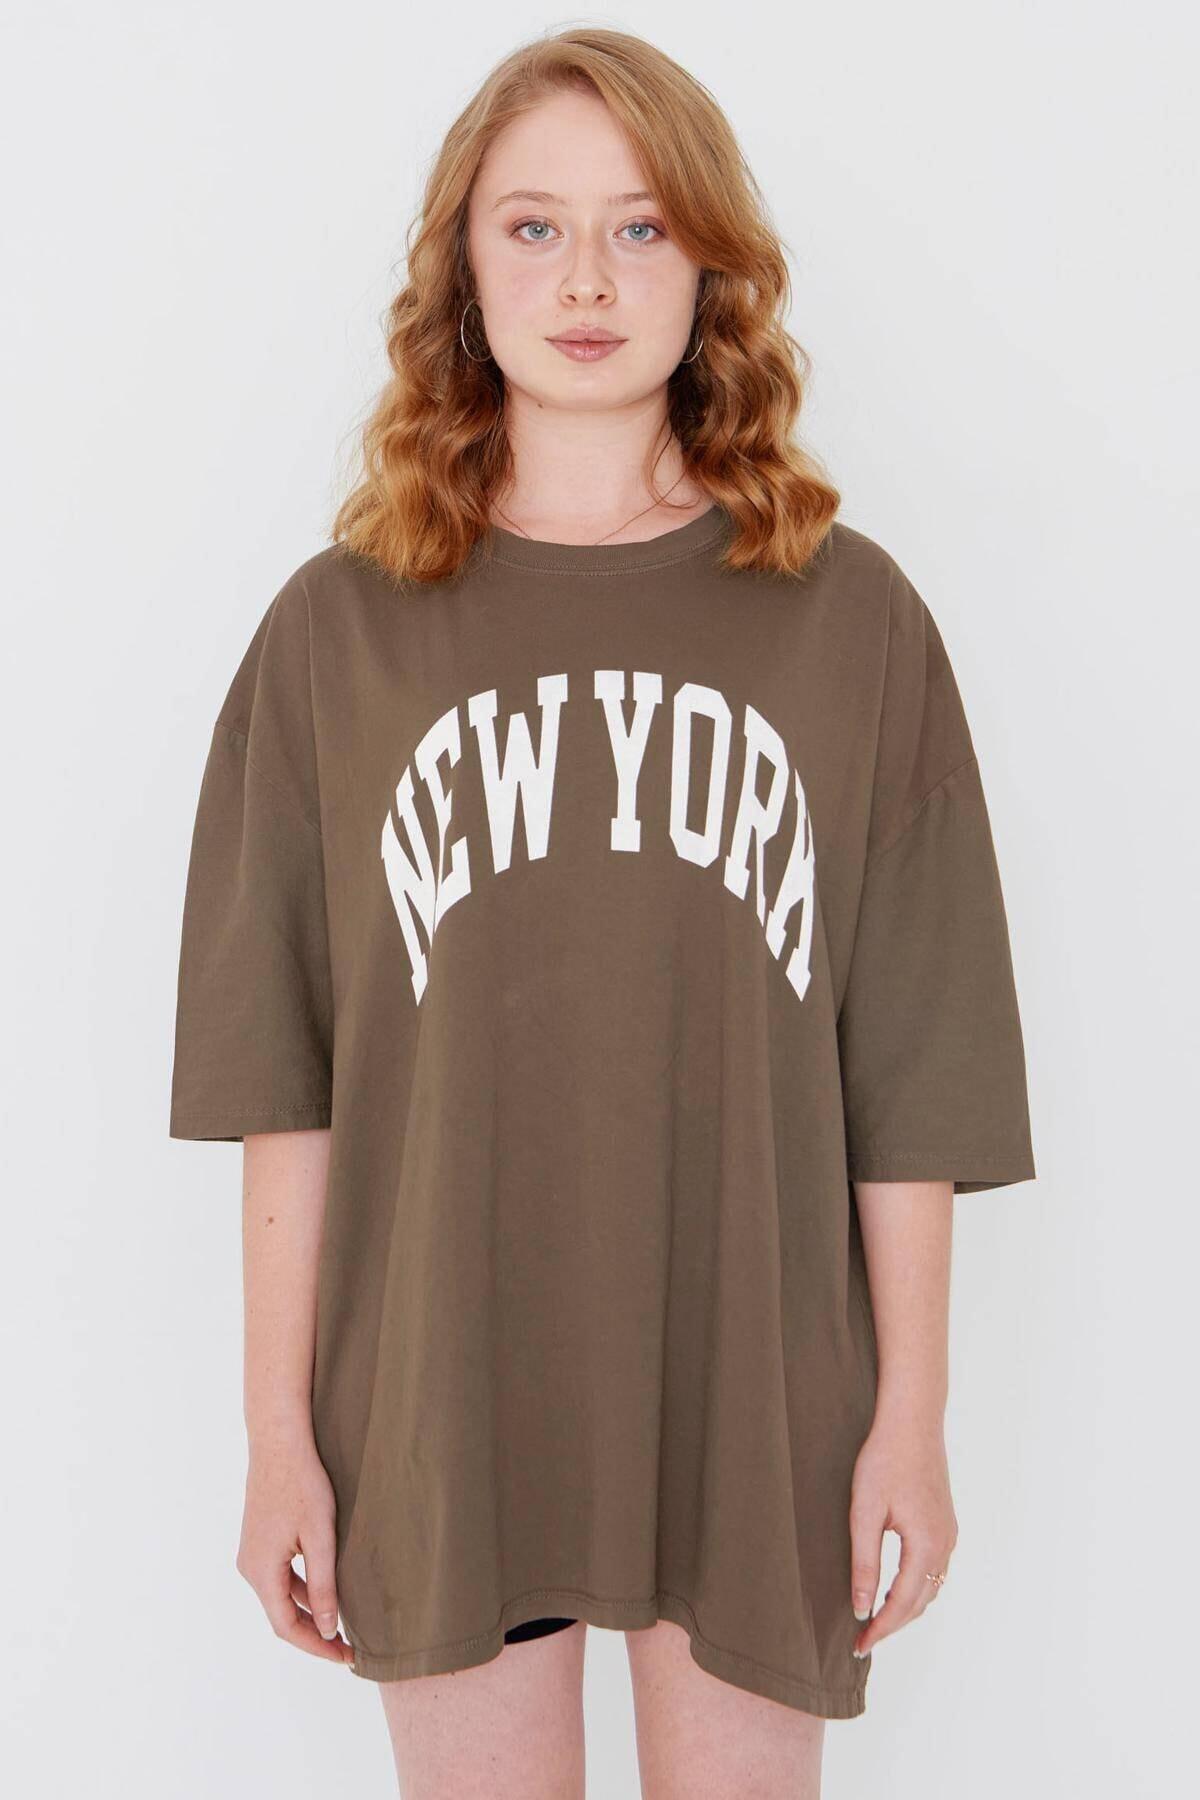 Addax Kadın Kahve Yazı Detaylı T-Shirt P9548 - W7 Adx-0000023963